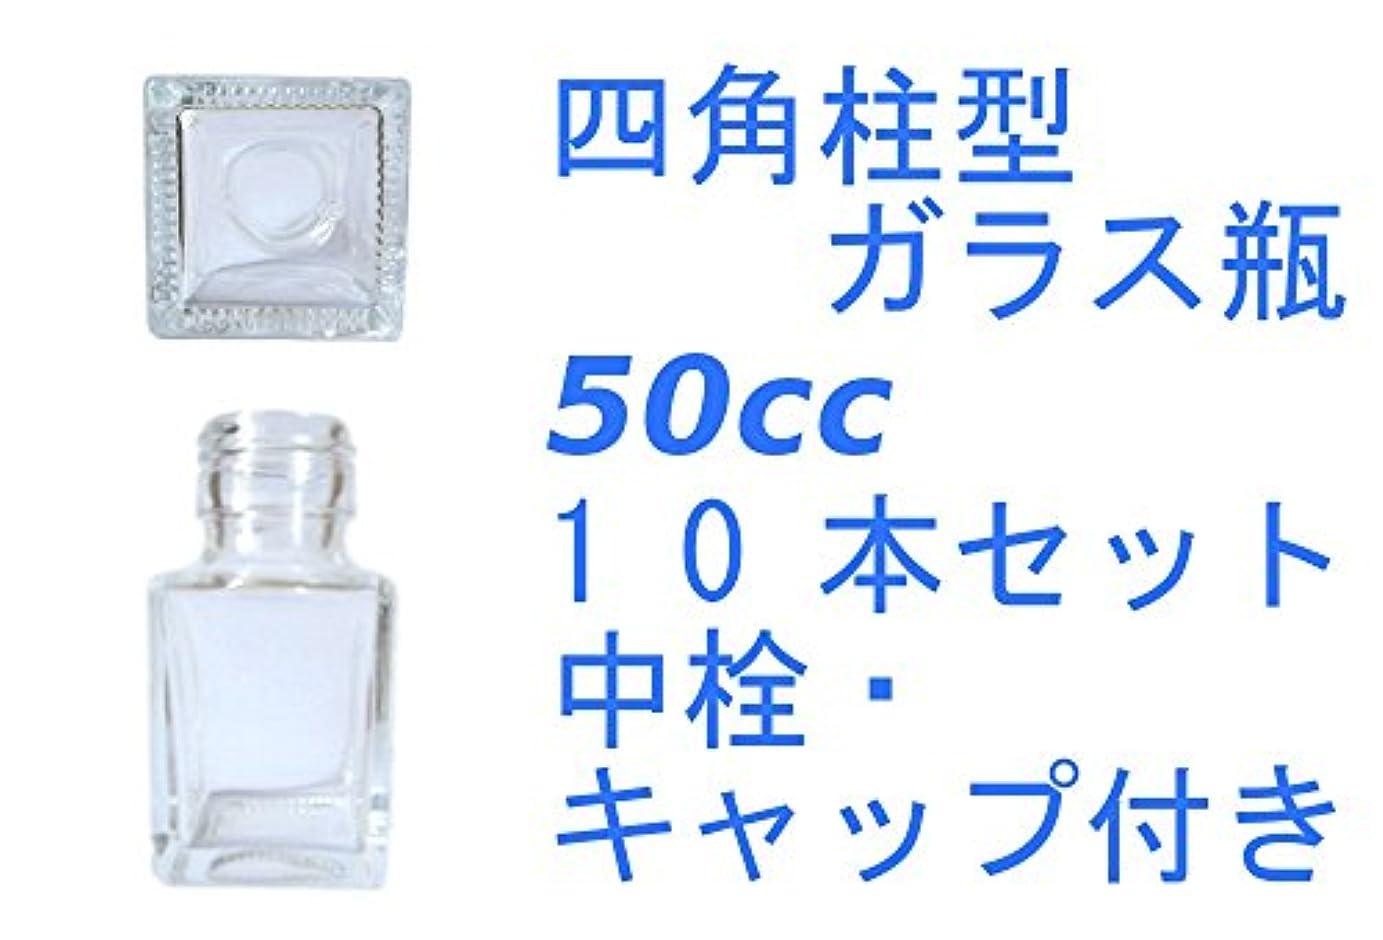 渦先生急いで(ジャストユーズ)JustU's 日本製 ポリ栓 中栓付き四角柱型ガラス瓶 10本セット 50cc 50ml アロマディフューザー ハーバリウム 調味料 オイル タレ ドレッシング瓶 B10-SSE50A-A